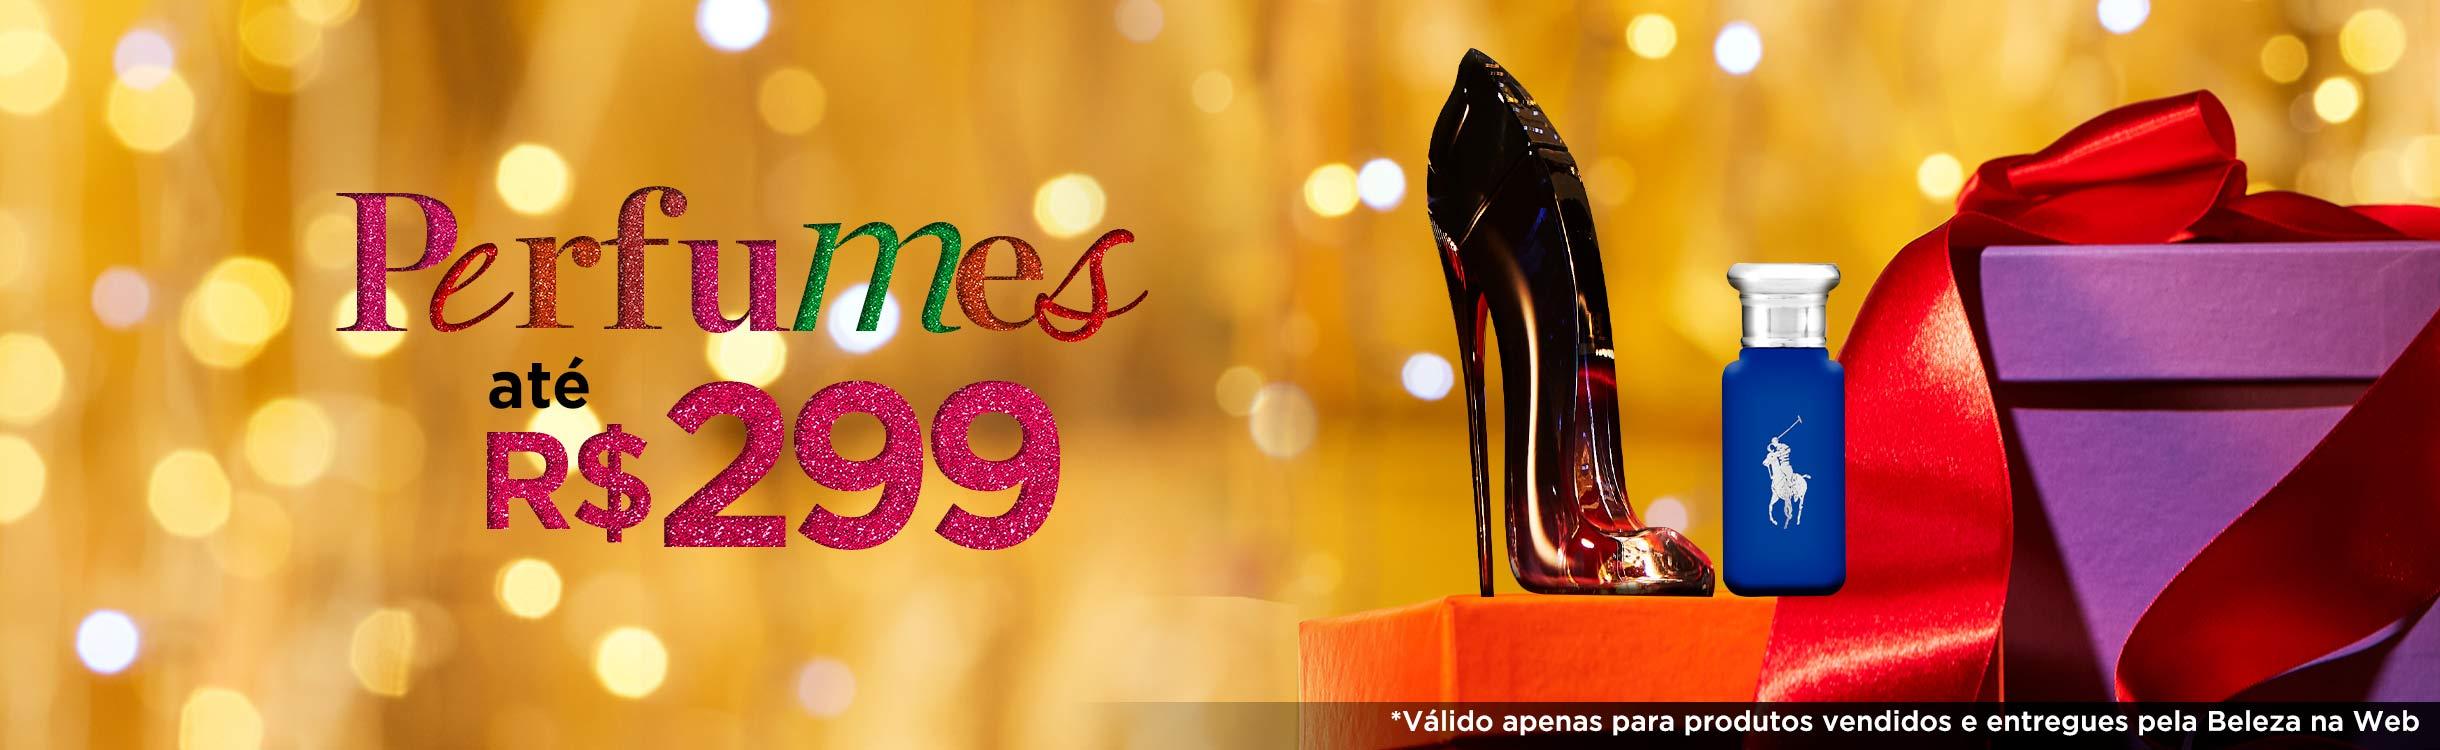 Perfumes Marcantes até R$299